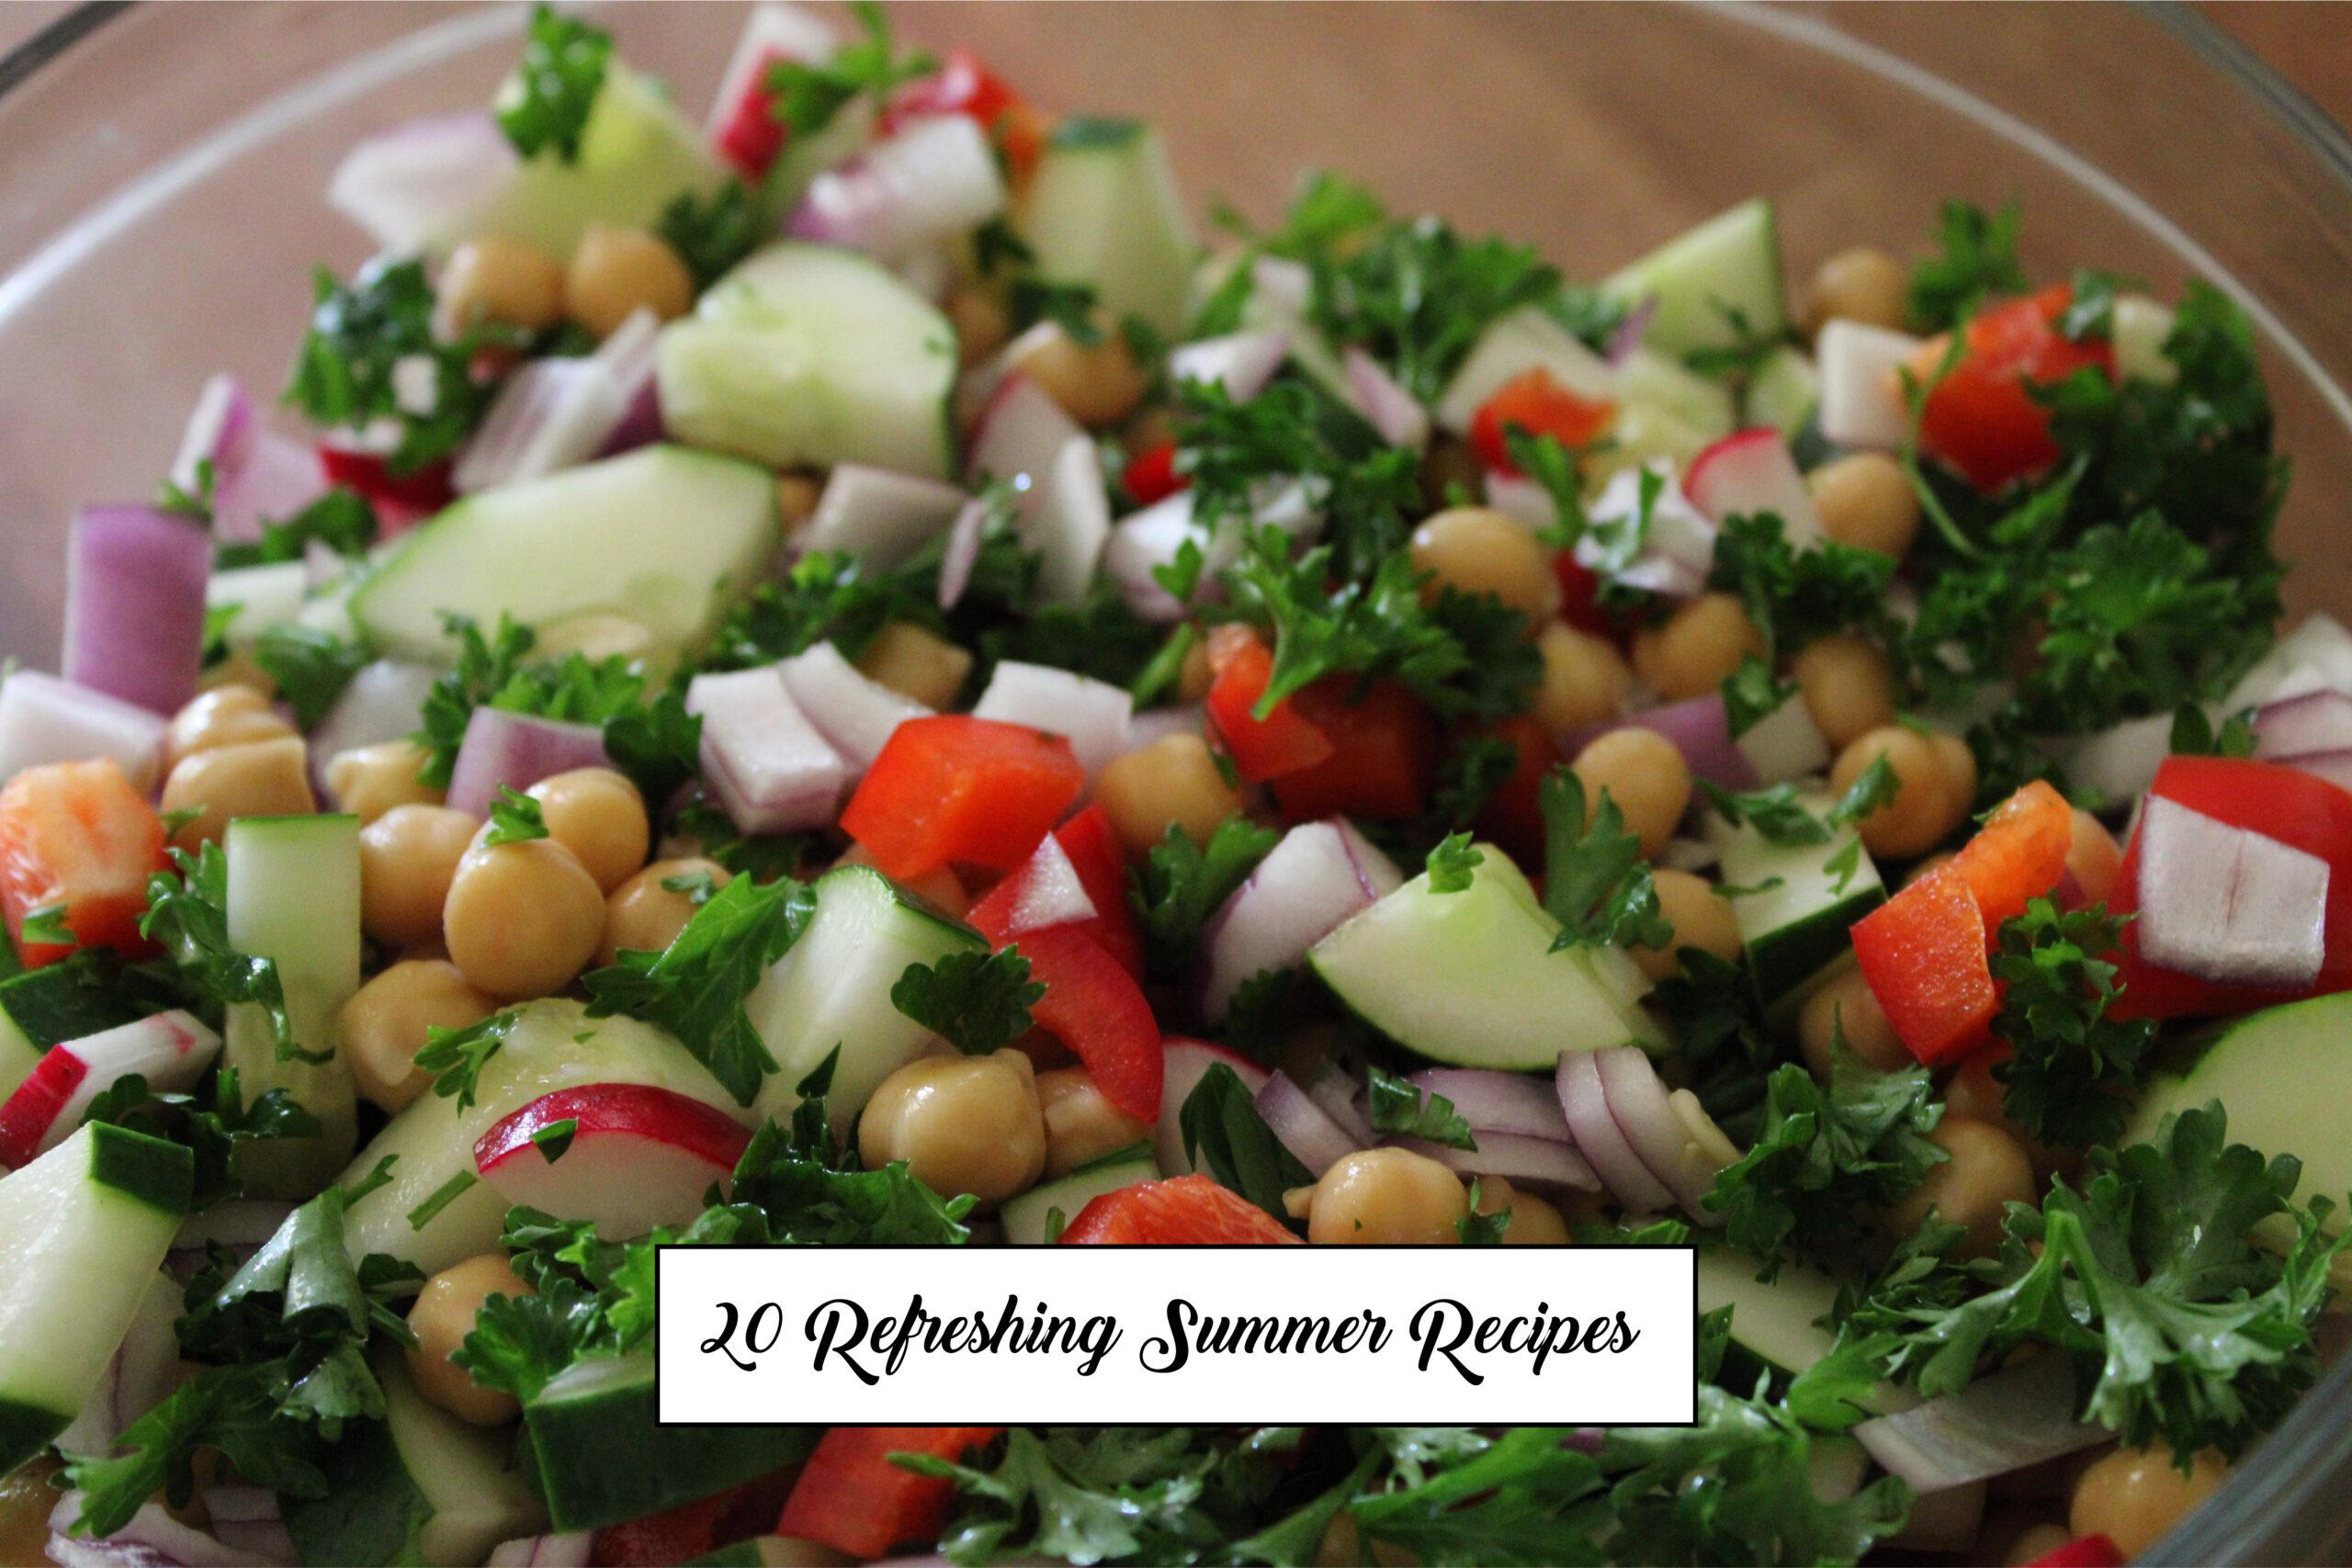 20 Refreshing Summer Recipes